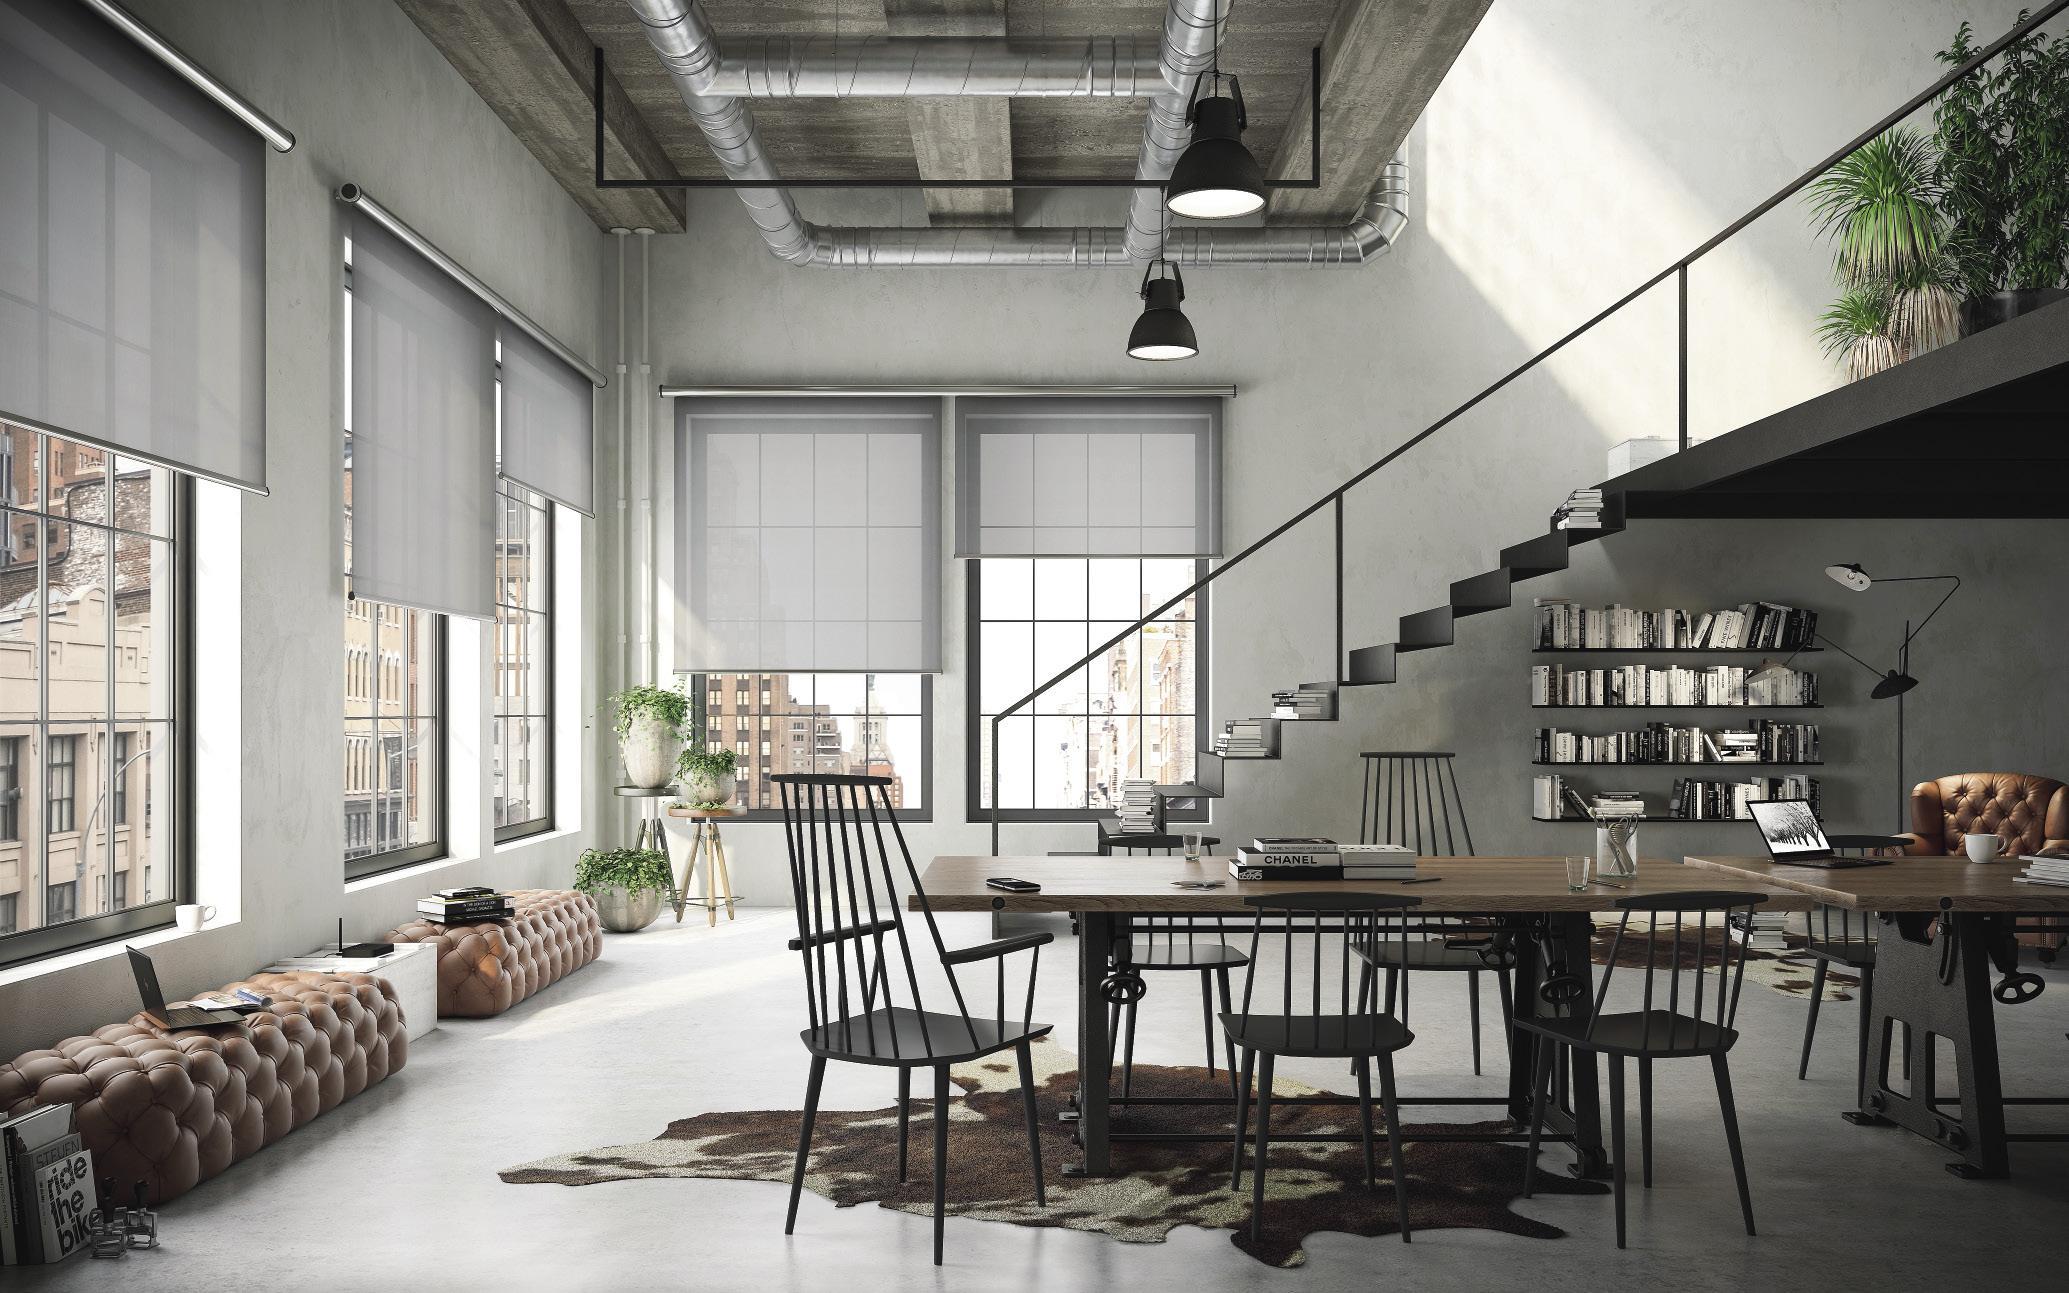 Tende da soggiorno classiche o moderne? Come Scegliere Le Tende Da Interni Idee E Spunti Da Cui Trarre Ispirazione Cose Di Casa